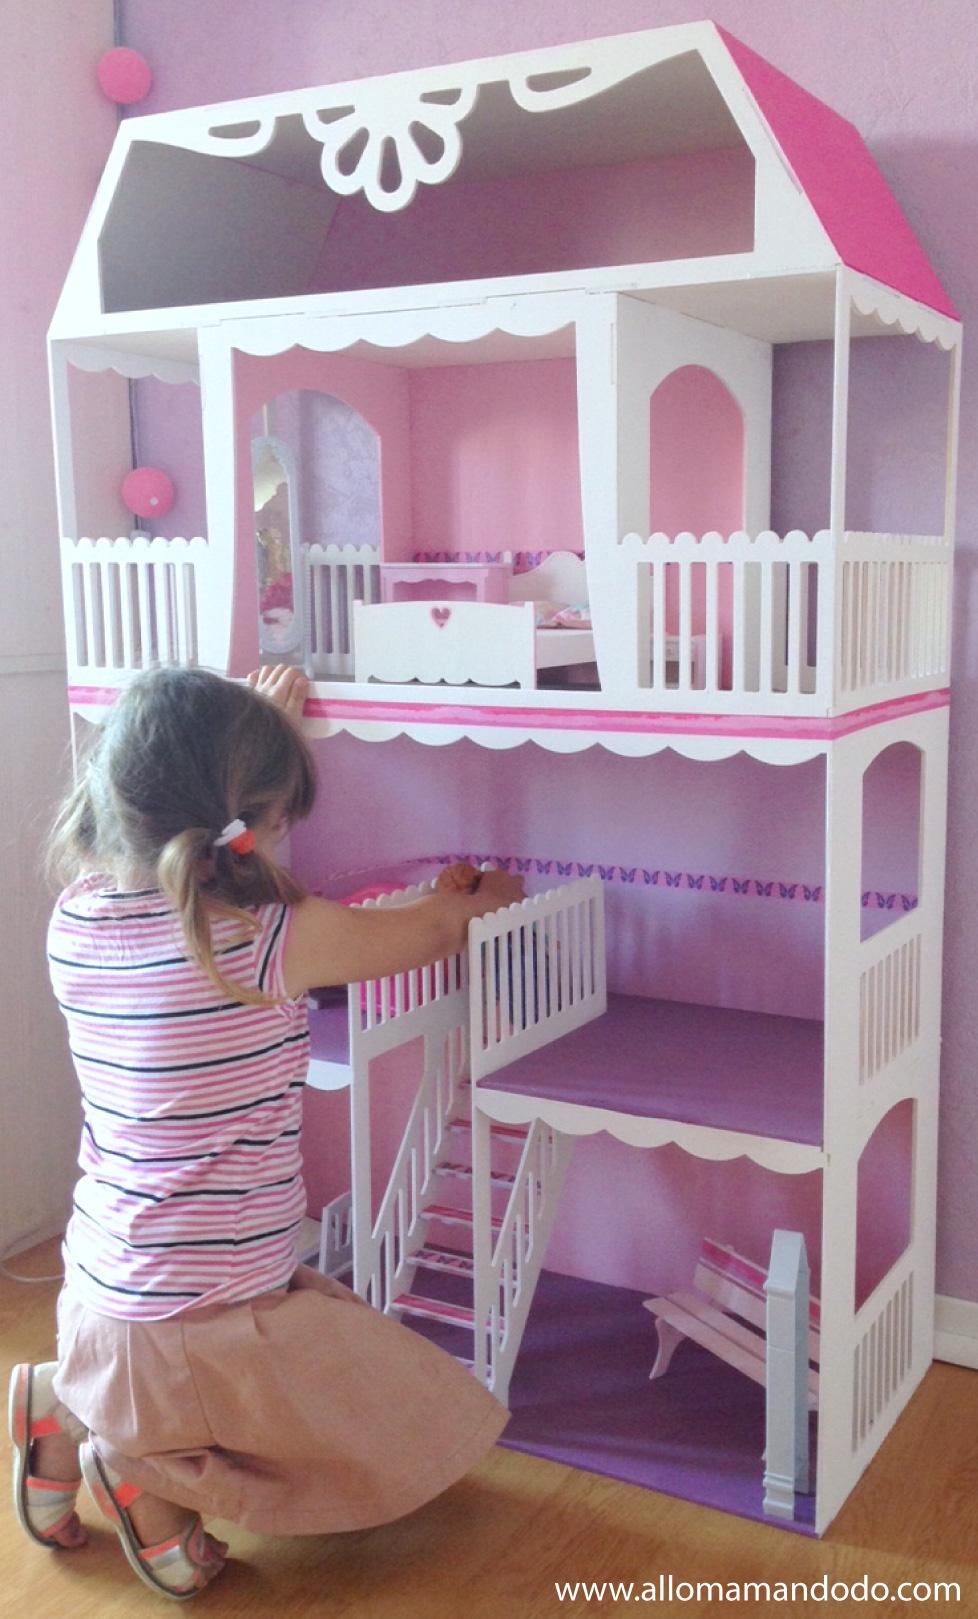 Sa maison de barbie personnaliser merci les kits mini for Accessoires maison barbie